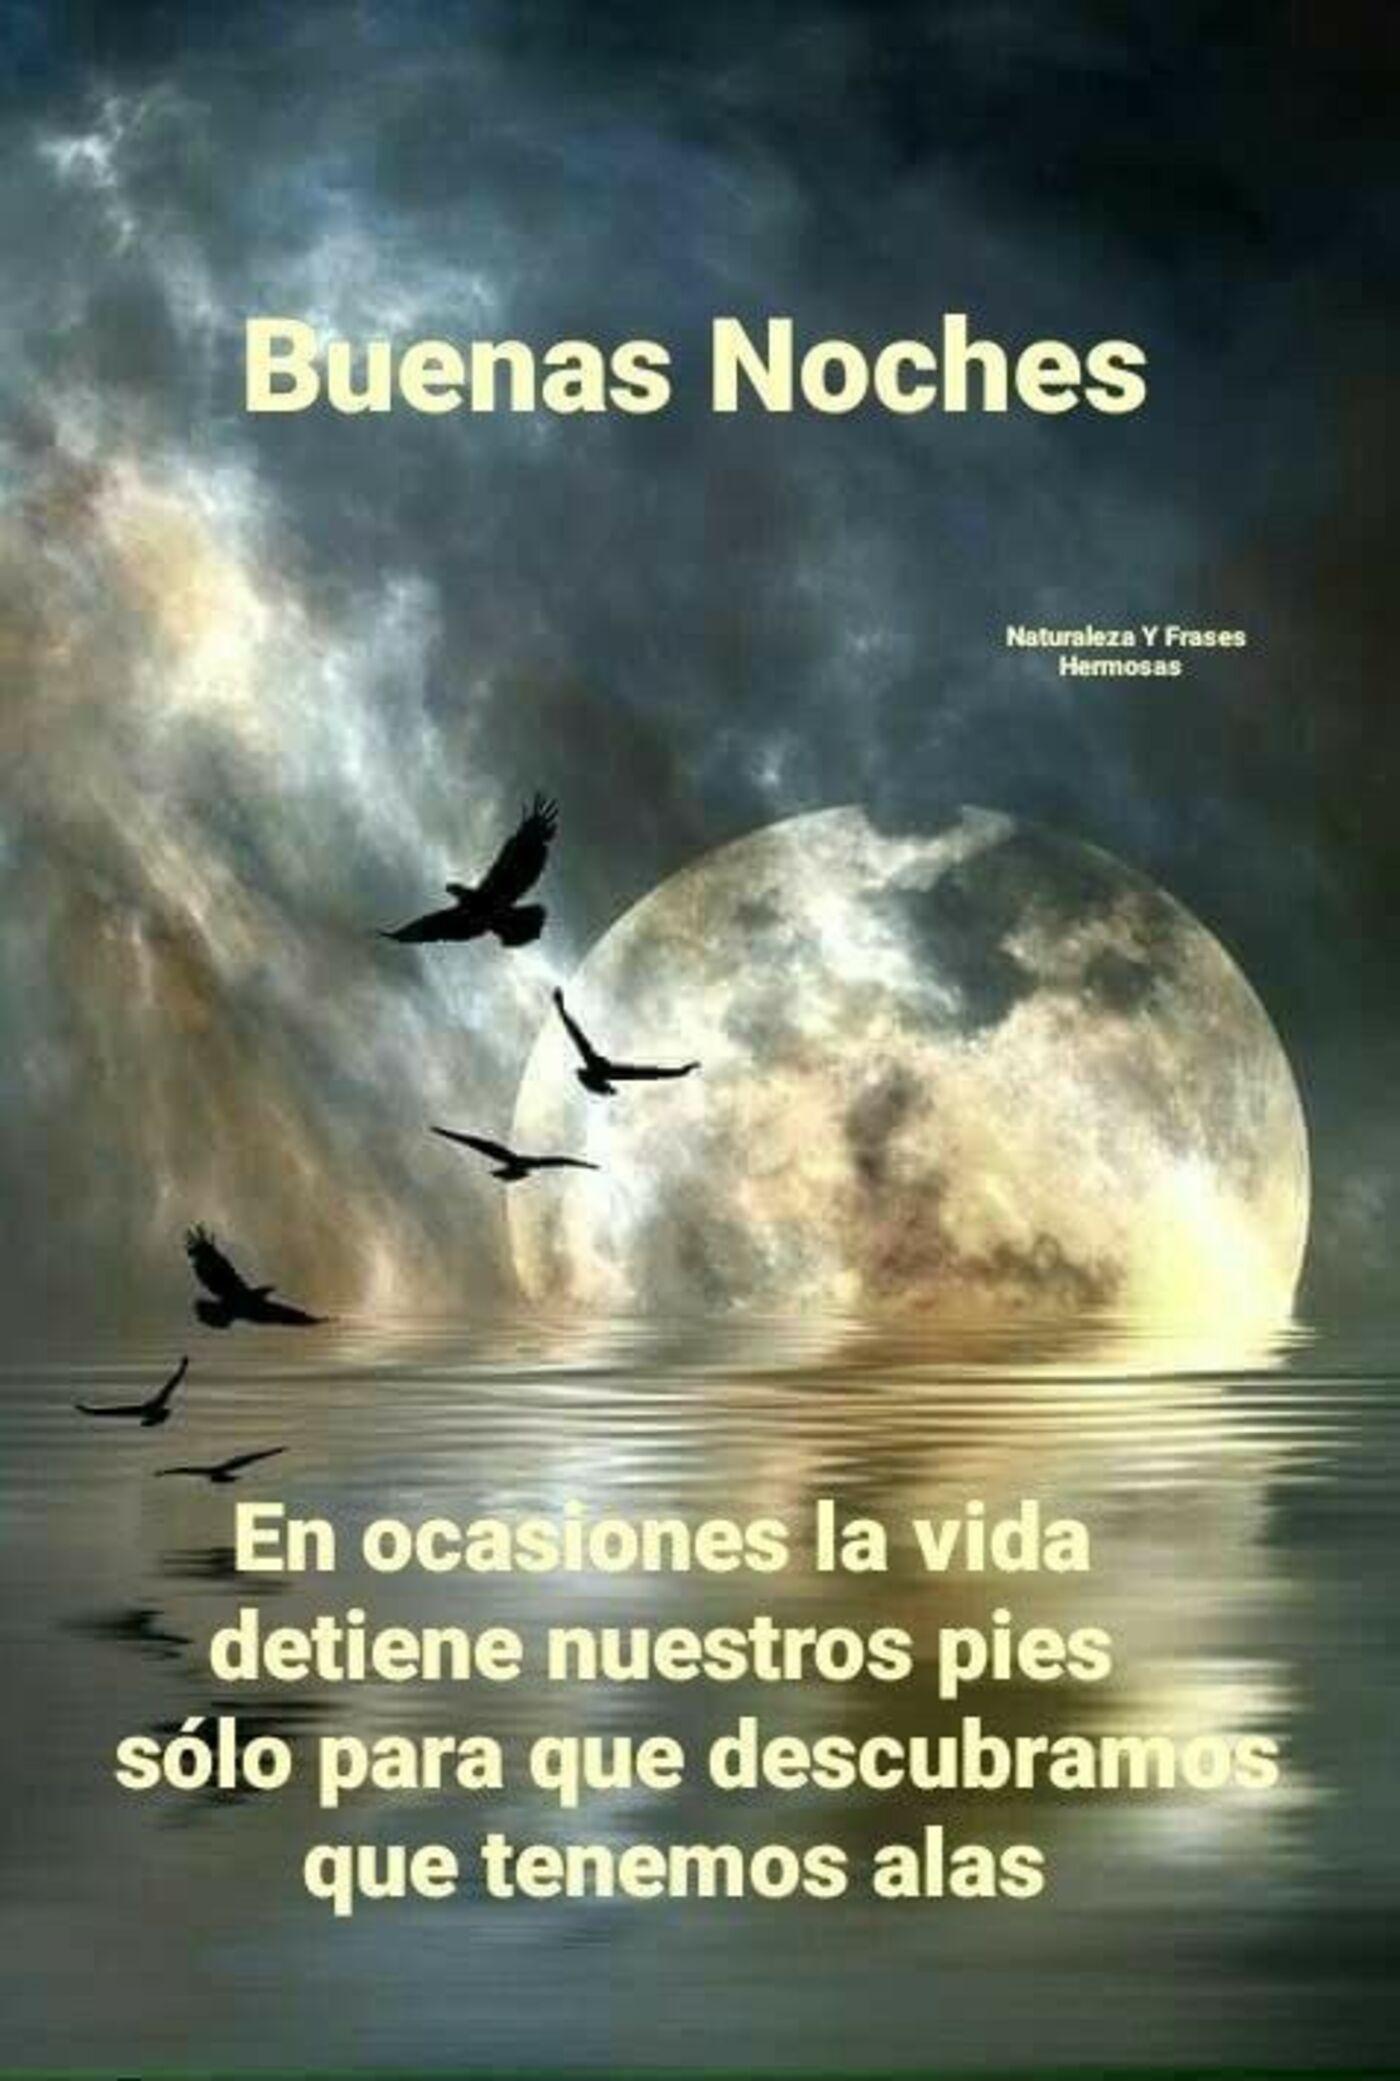 Buenas Noches en ocasiones la vida detiene nuestros pies solo para que descubramos que tenemos alas